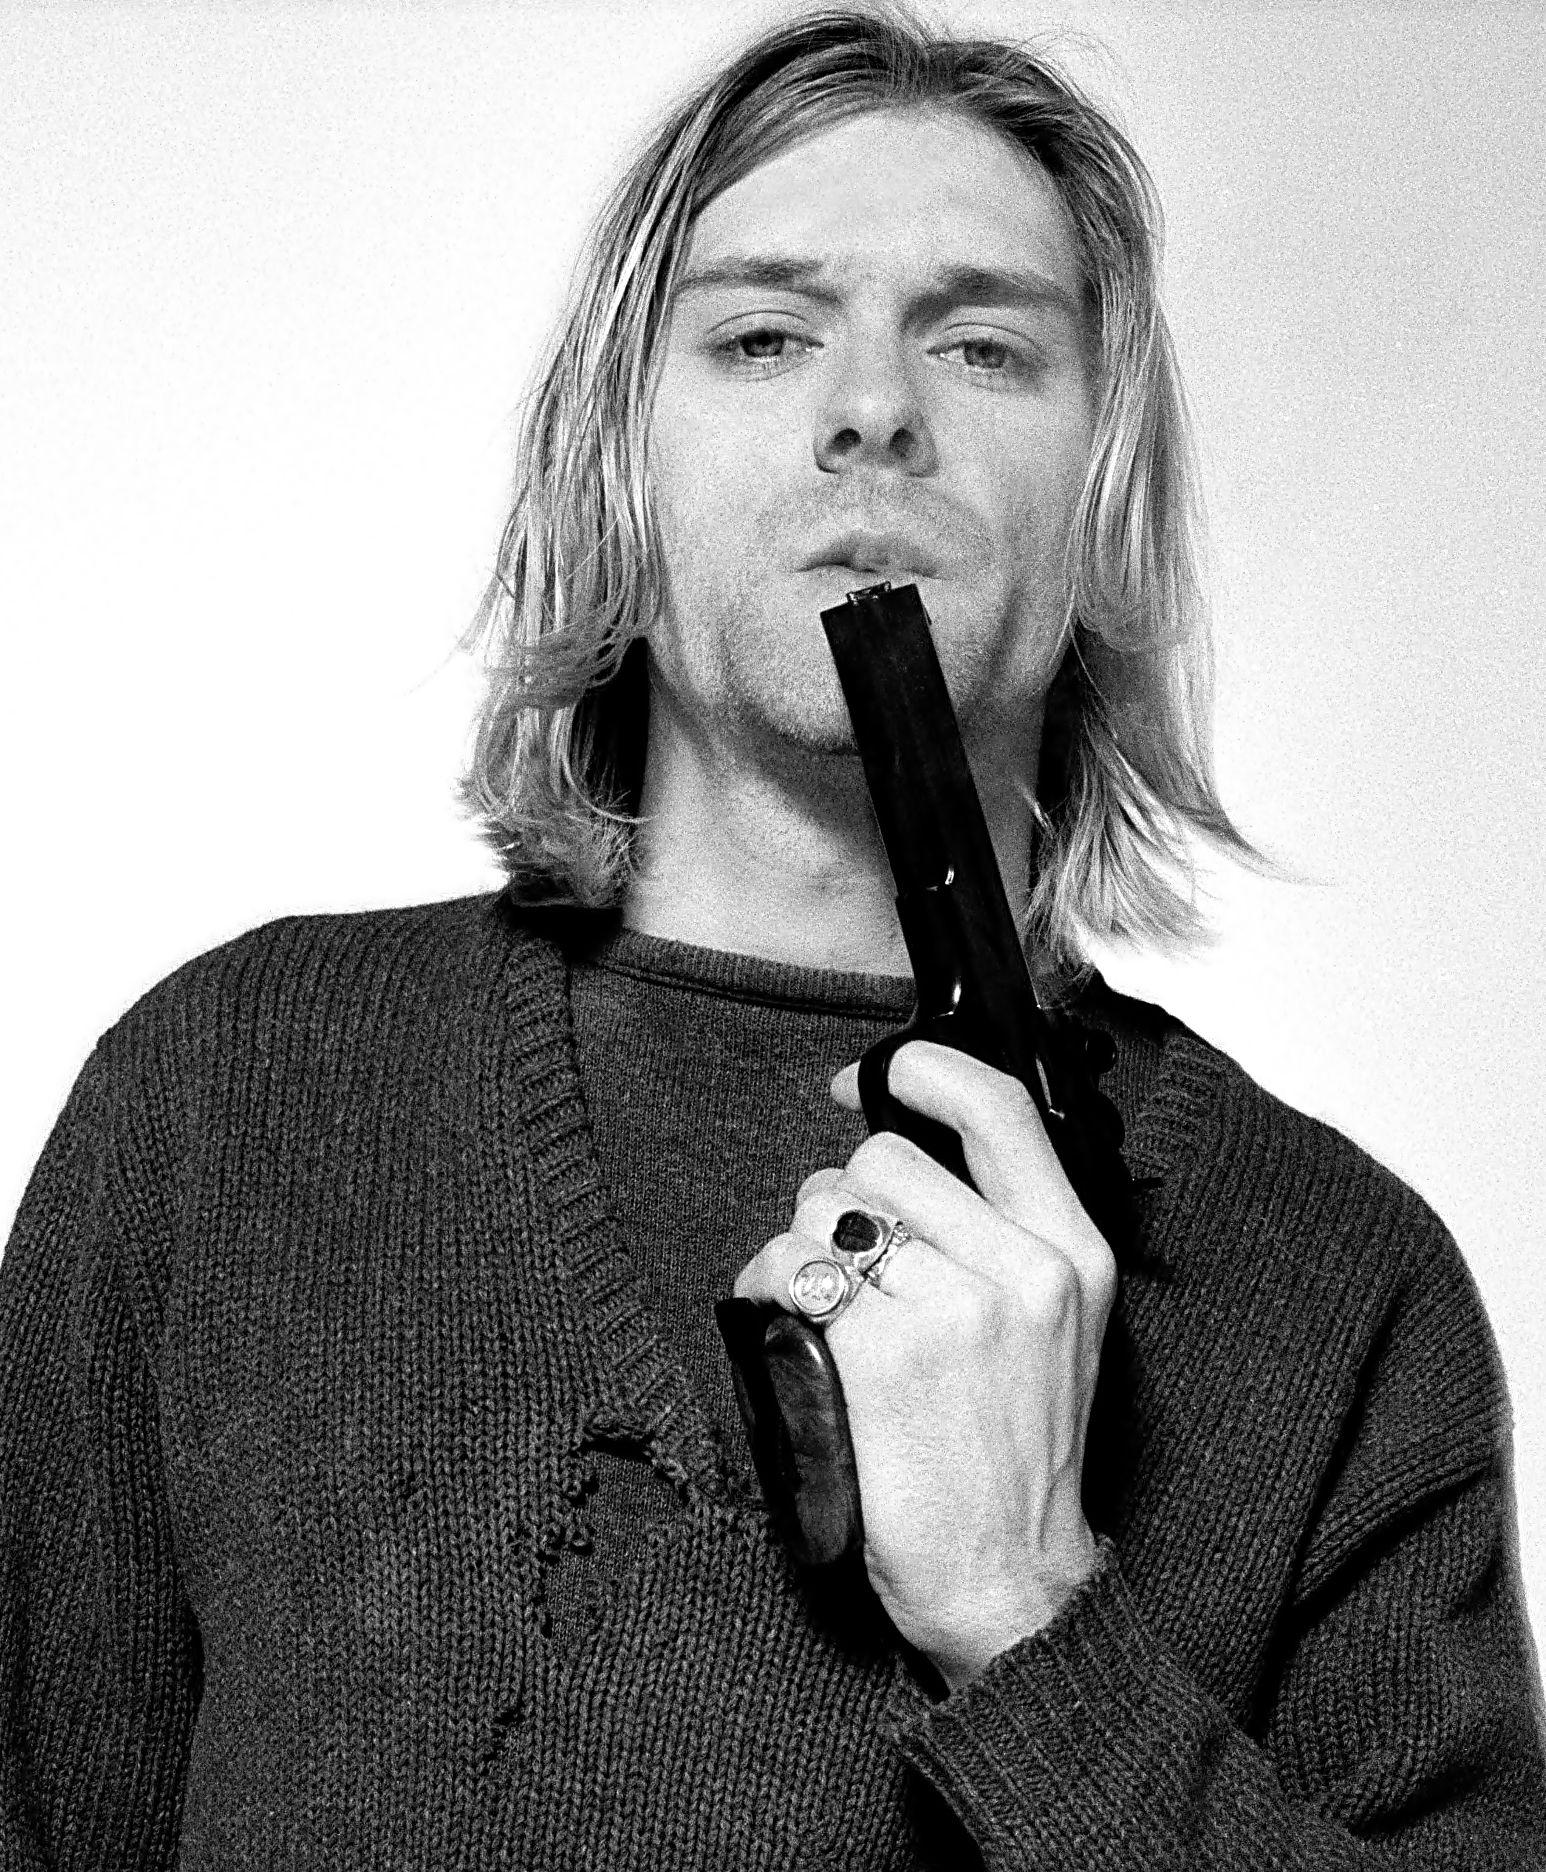 kurt cobain fumando tumblr - Pesquisa Google  8e2c73251b8